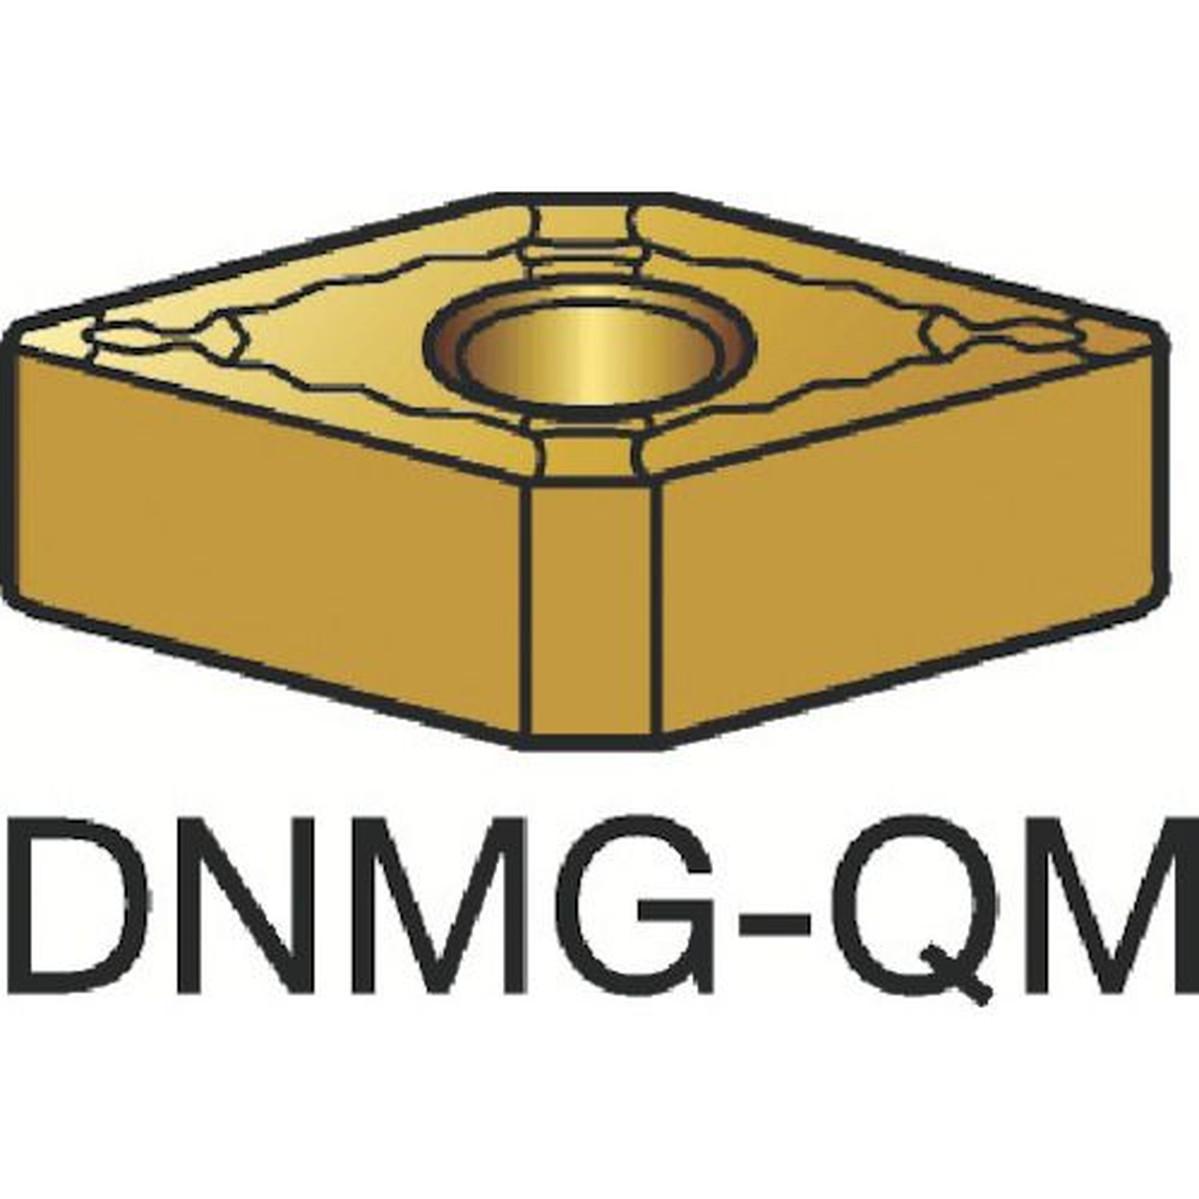 素晴らしい価格 サンドビック 10個 T-Max T−Max P 旋削用ネガ・チップ P 235 10個, ギフトショップ フランクネス:be93bda5 --- independentescortsdelhi.in